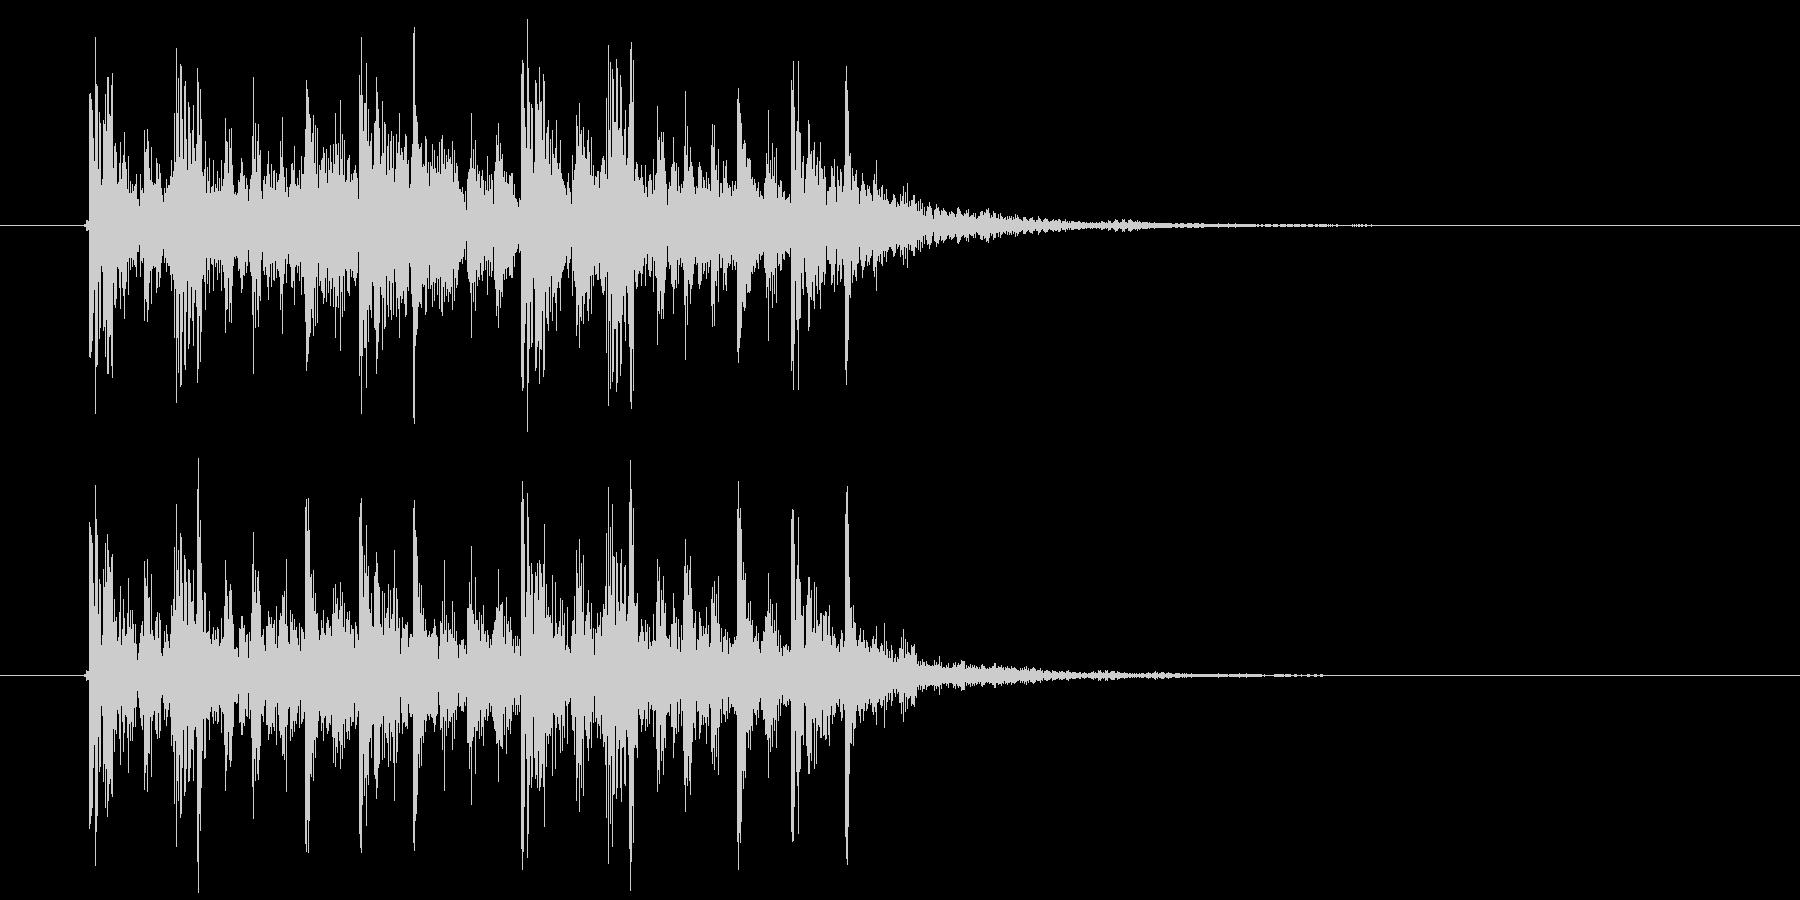 クールなテクノポップスによるジングル曲の未再生の波形